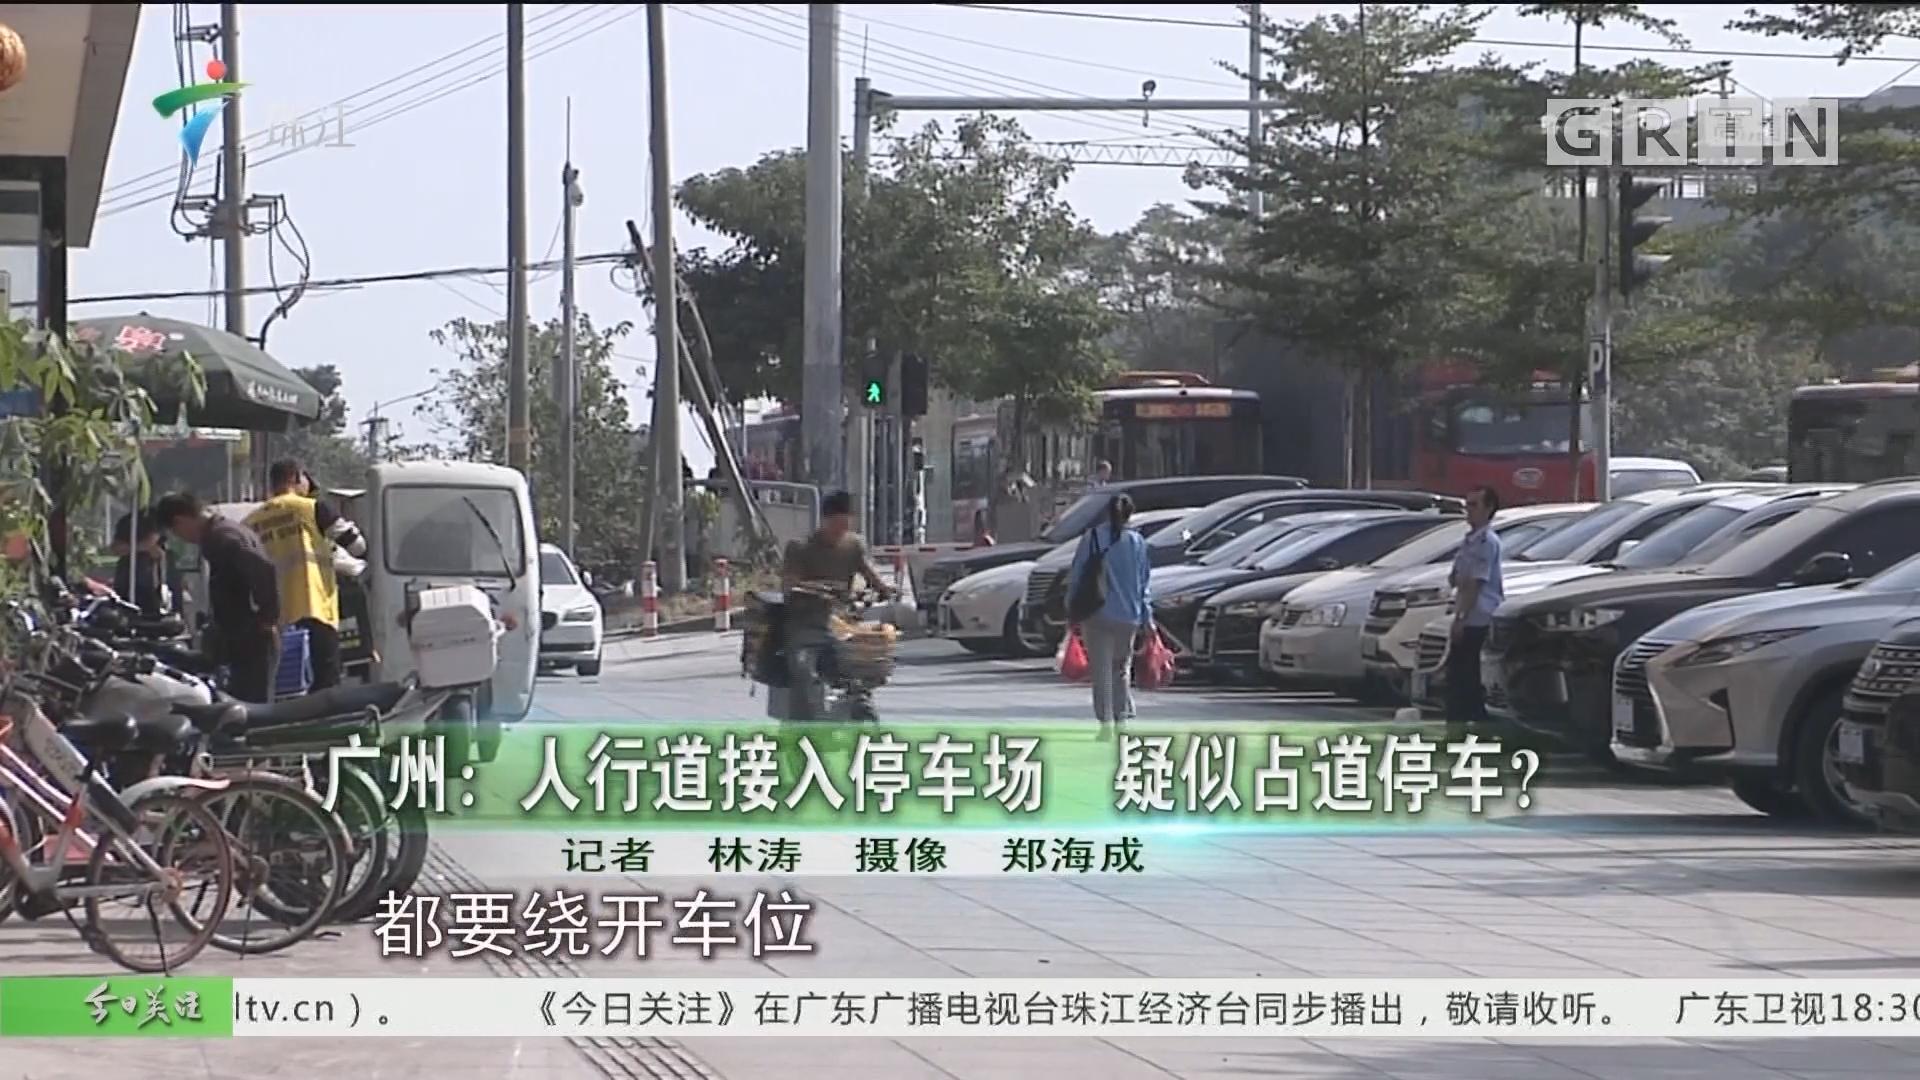 广州:人行道接入停车场 疑似占道停车?